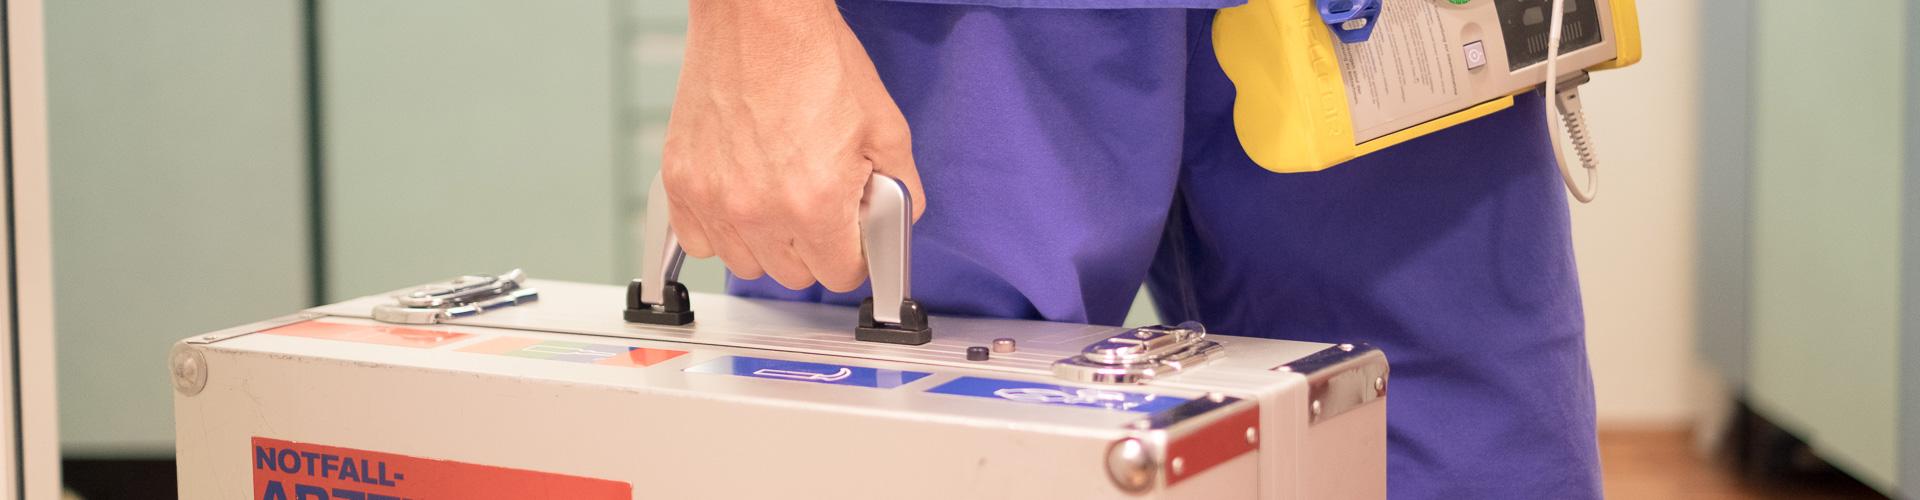 Hand hält Notfall-Arztkoffer